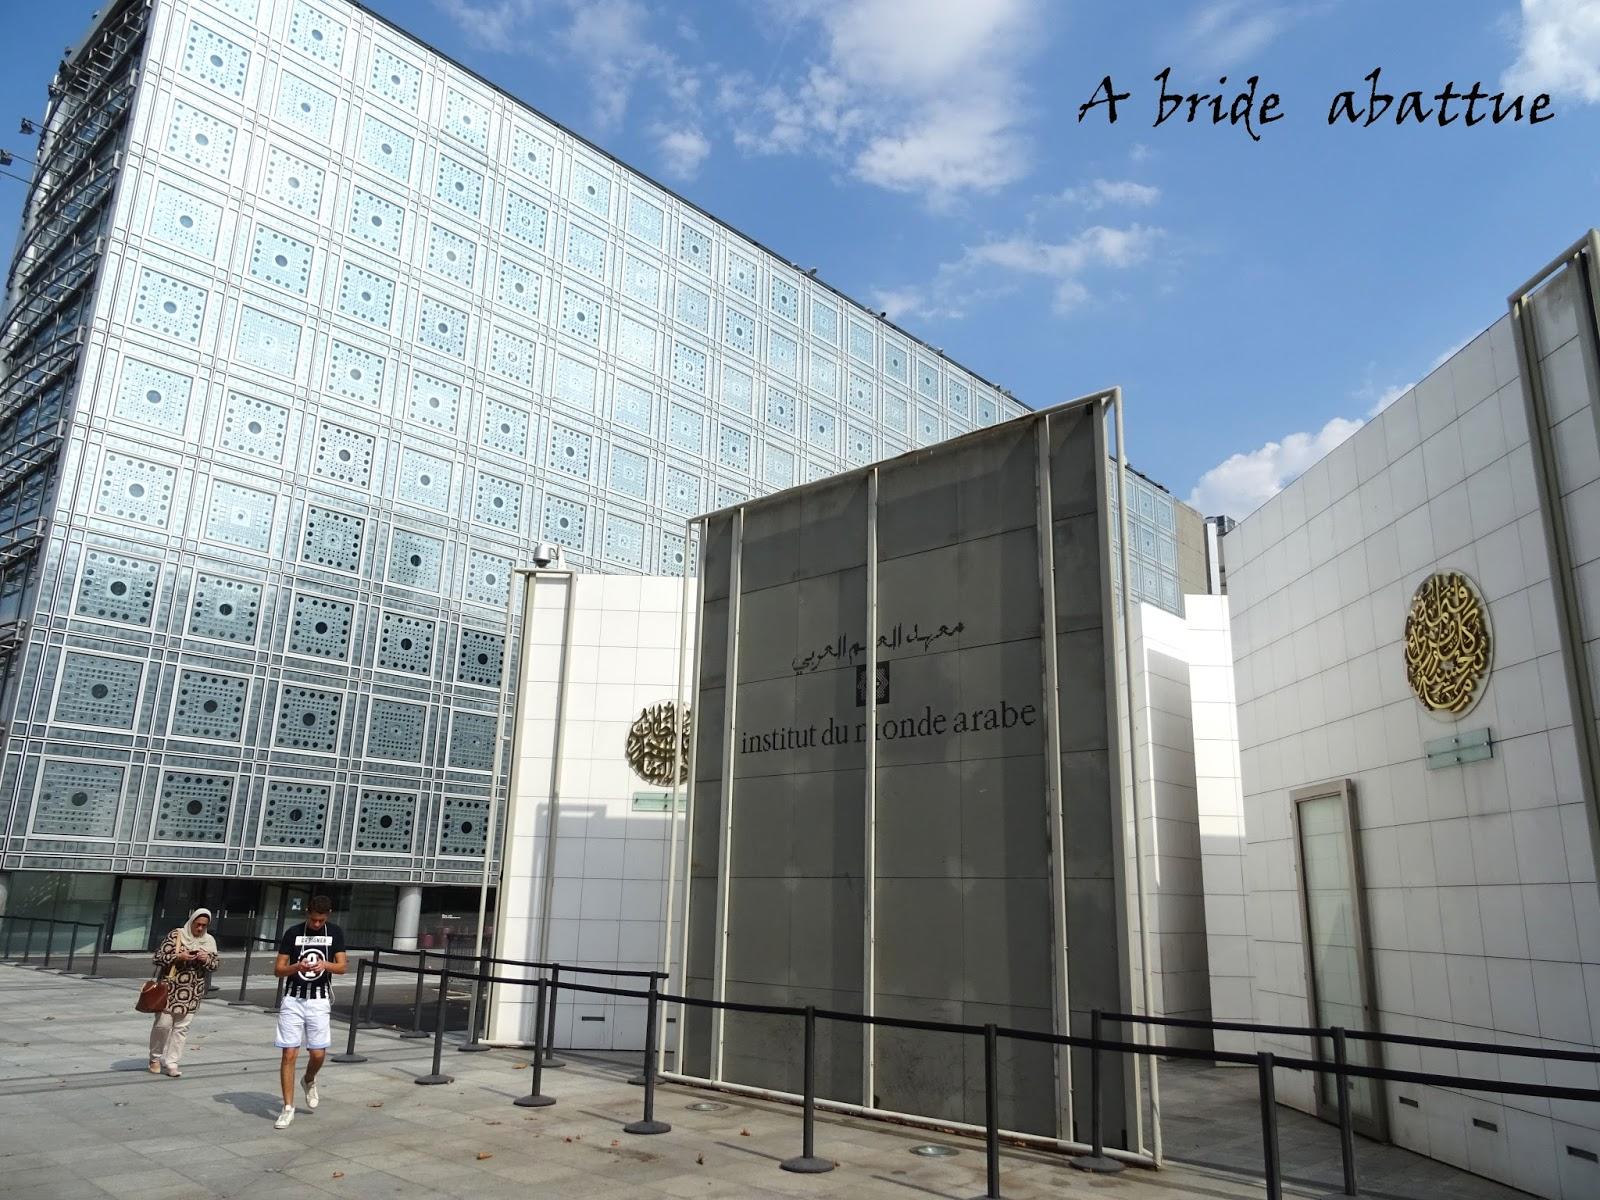 A bride abattue visite de l 39 institut du monde arabe for L architecture